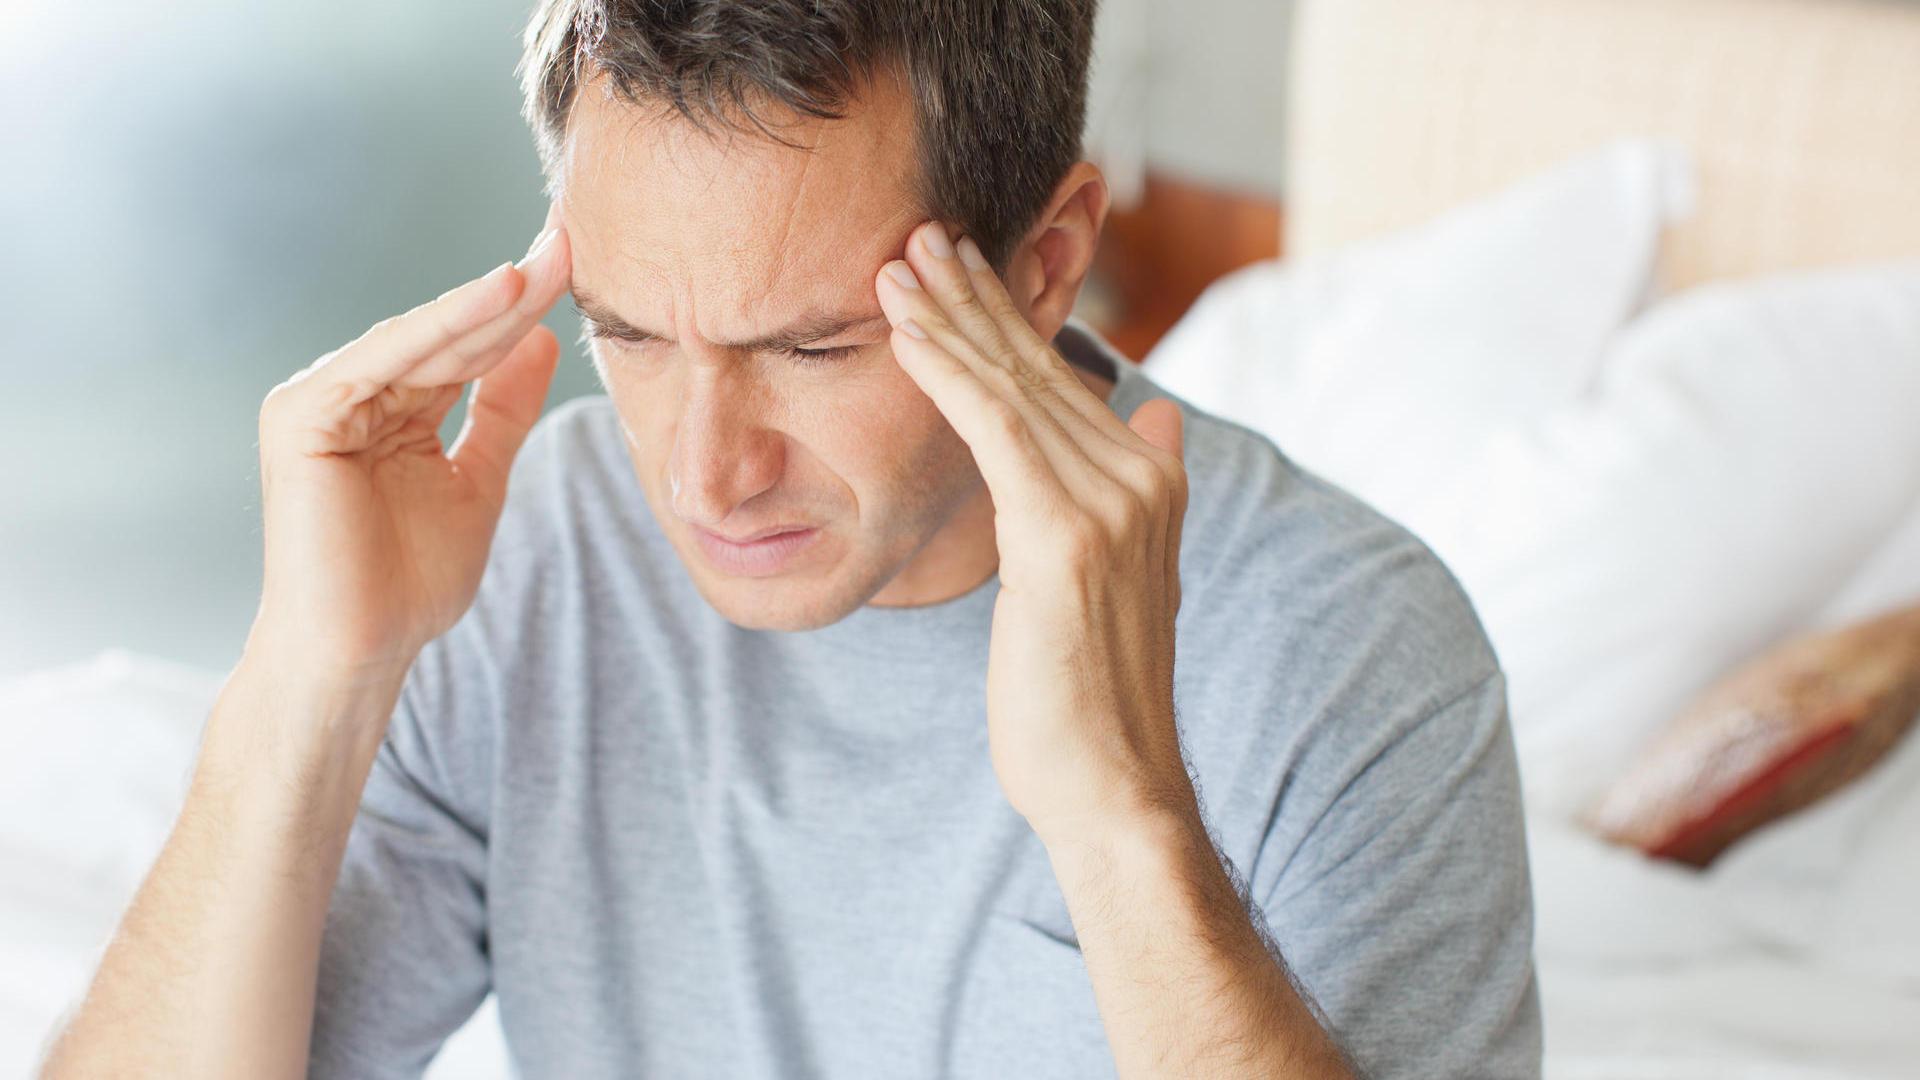 Нервное расстройство и нервный срыв: симптомы и признаки, как справиться, лечение